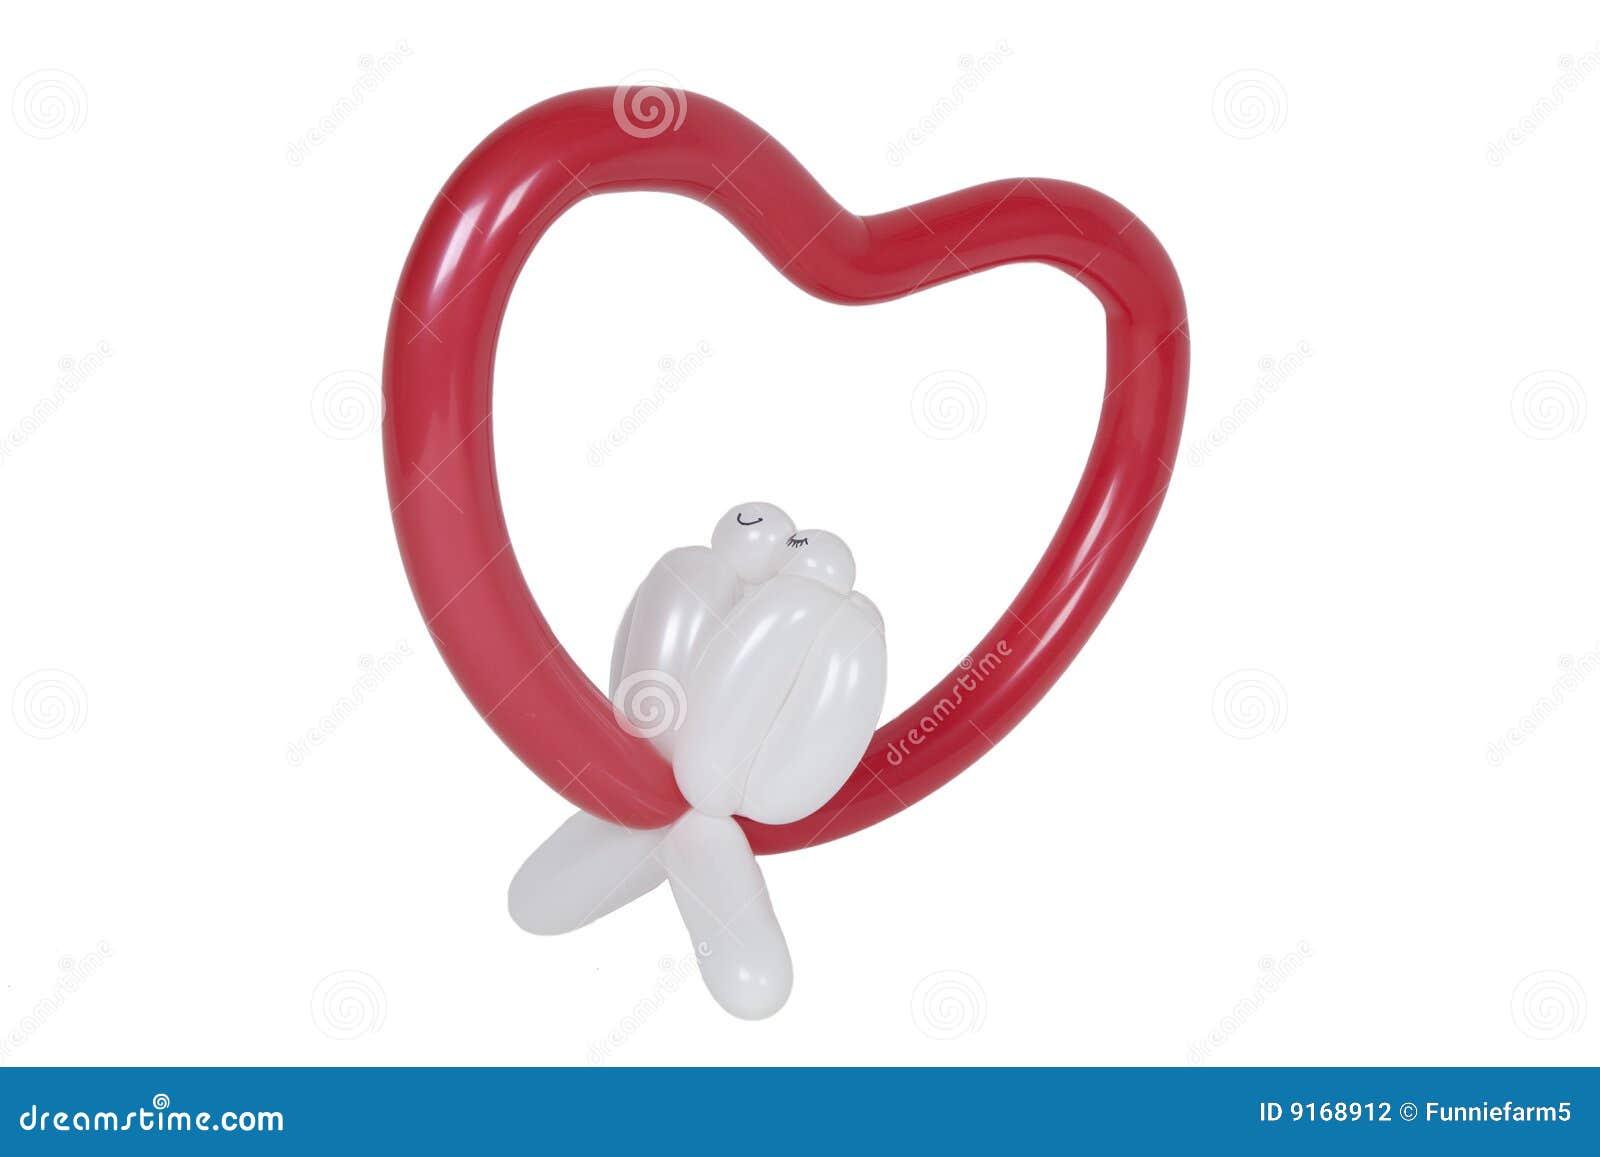 Balloon Shaped Like Heart With Love Birds Stock Photo